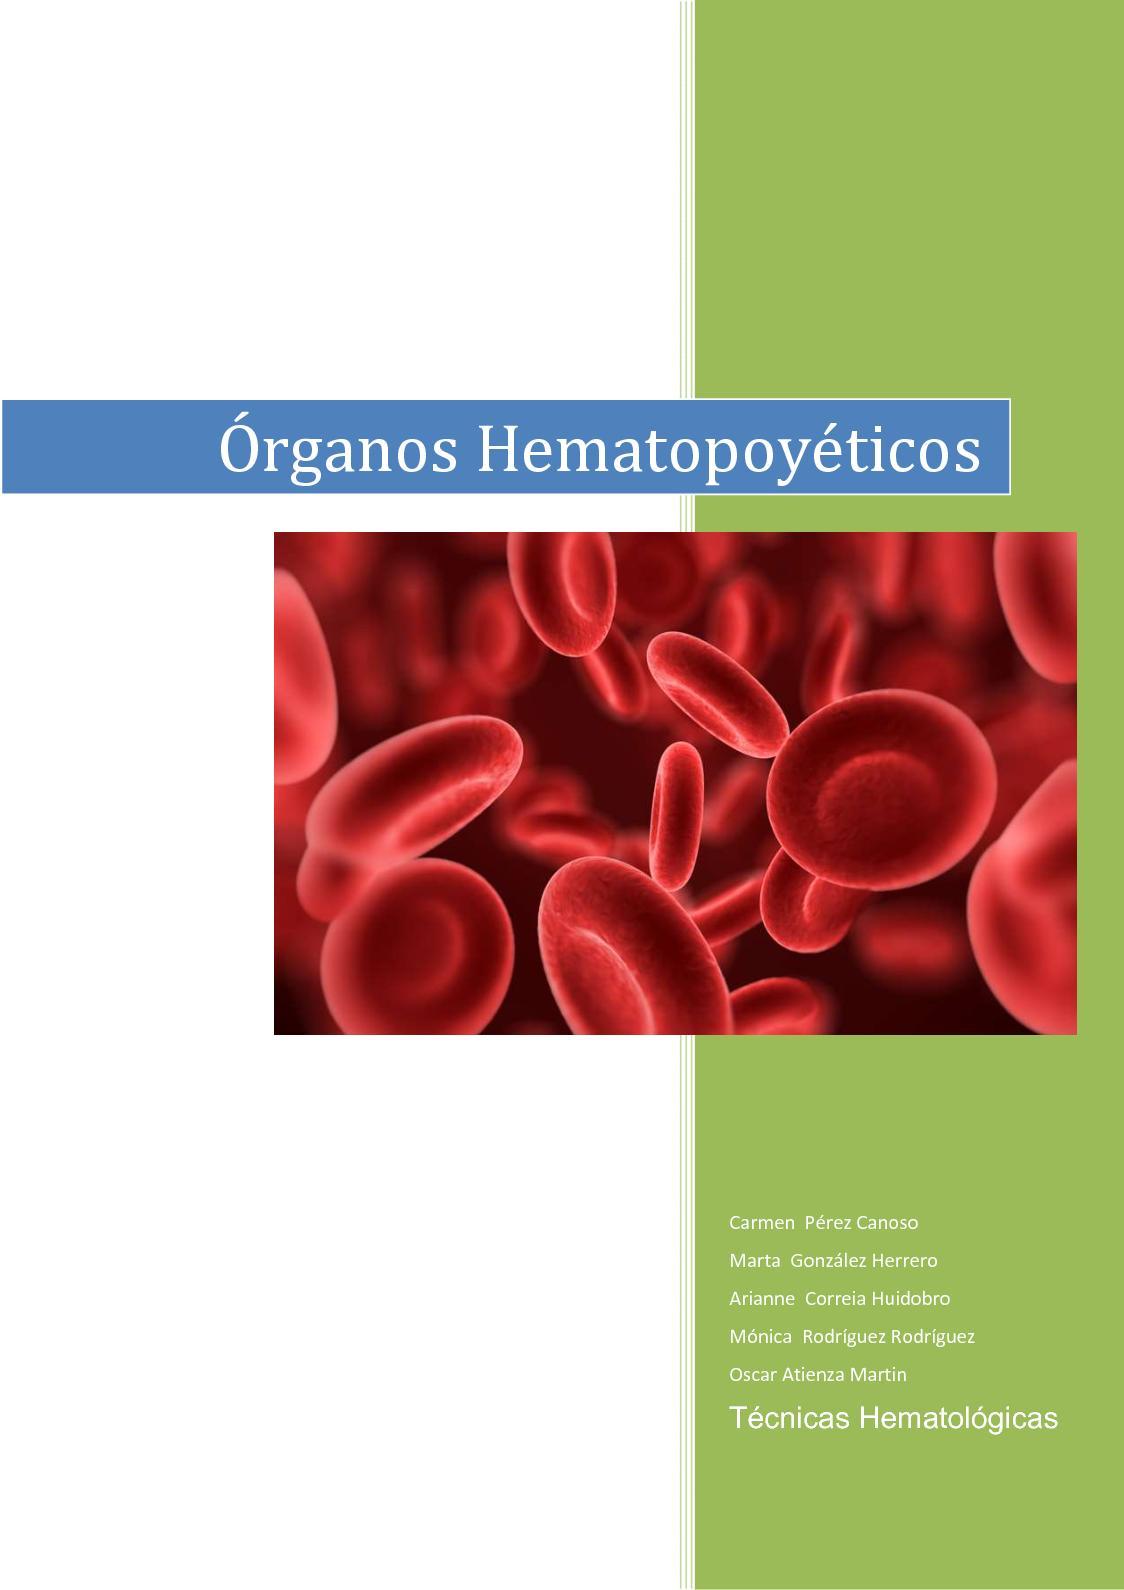 Trabajo De Organos Hematopoyeticos